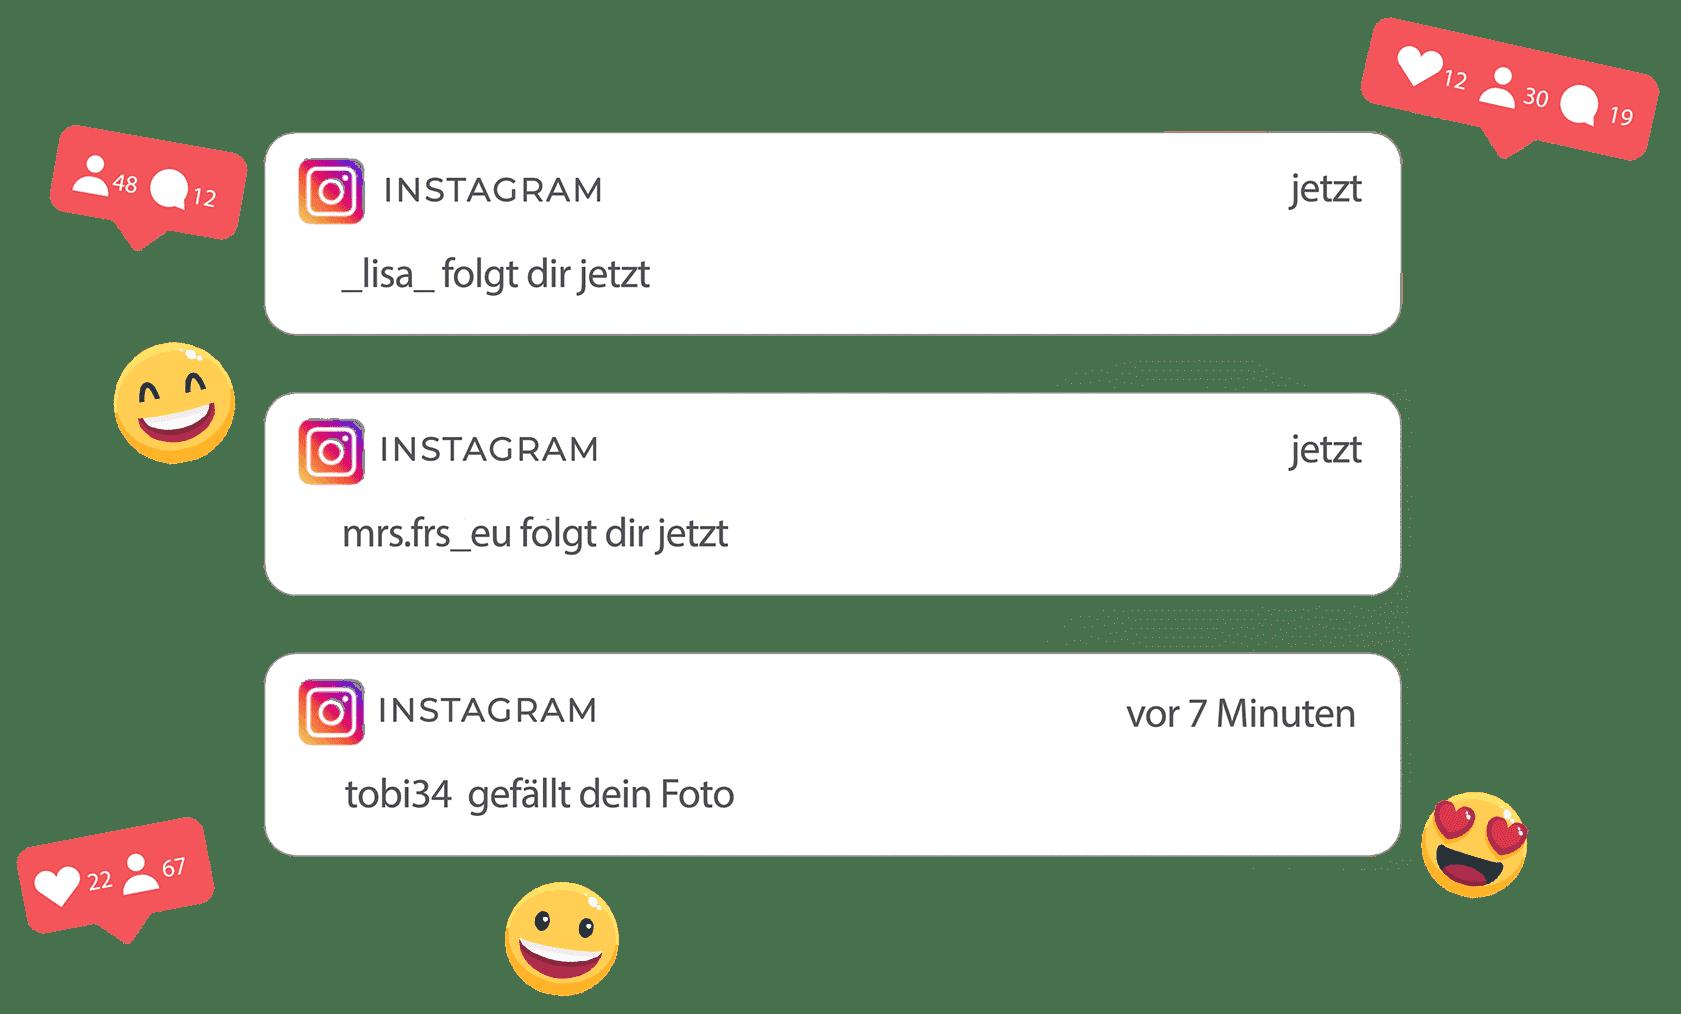 Notifications_emojis-1.png